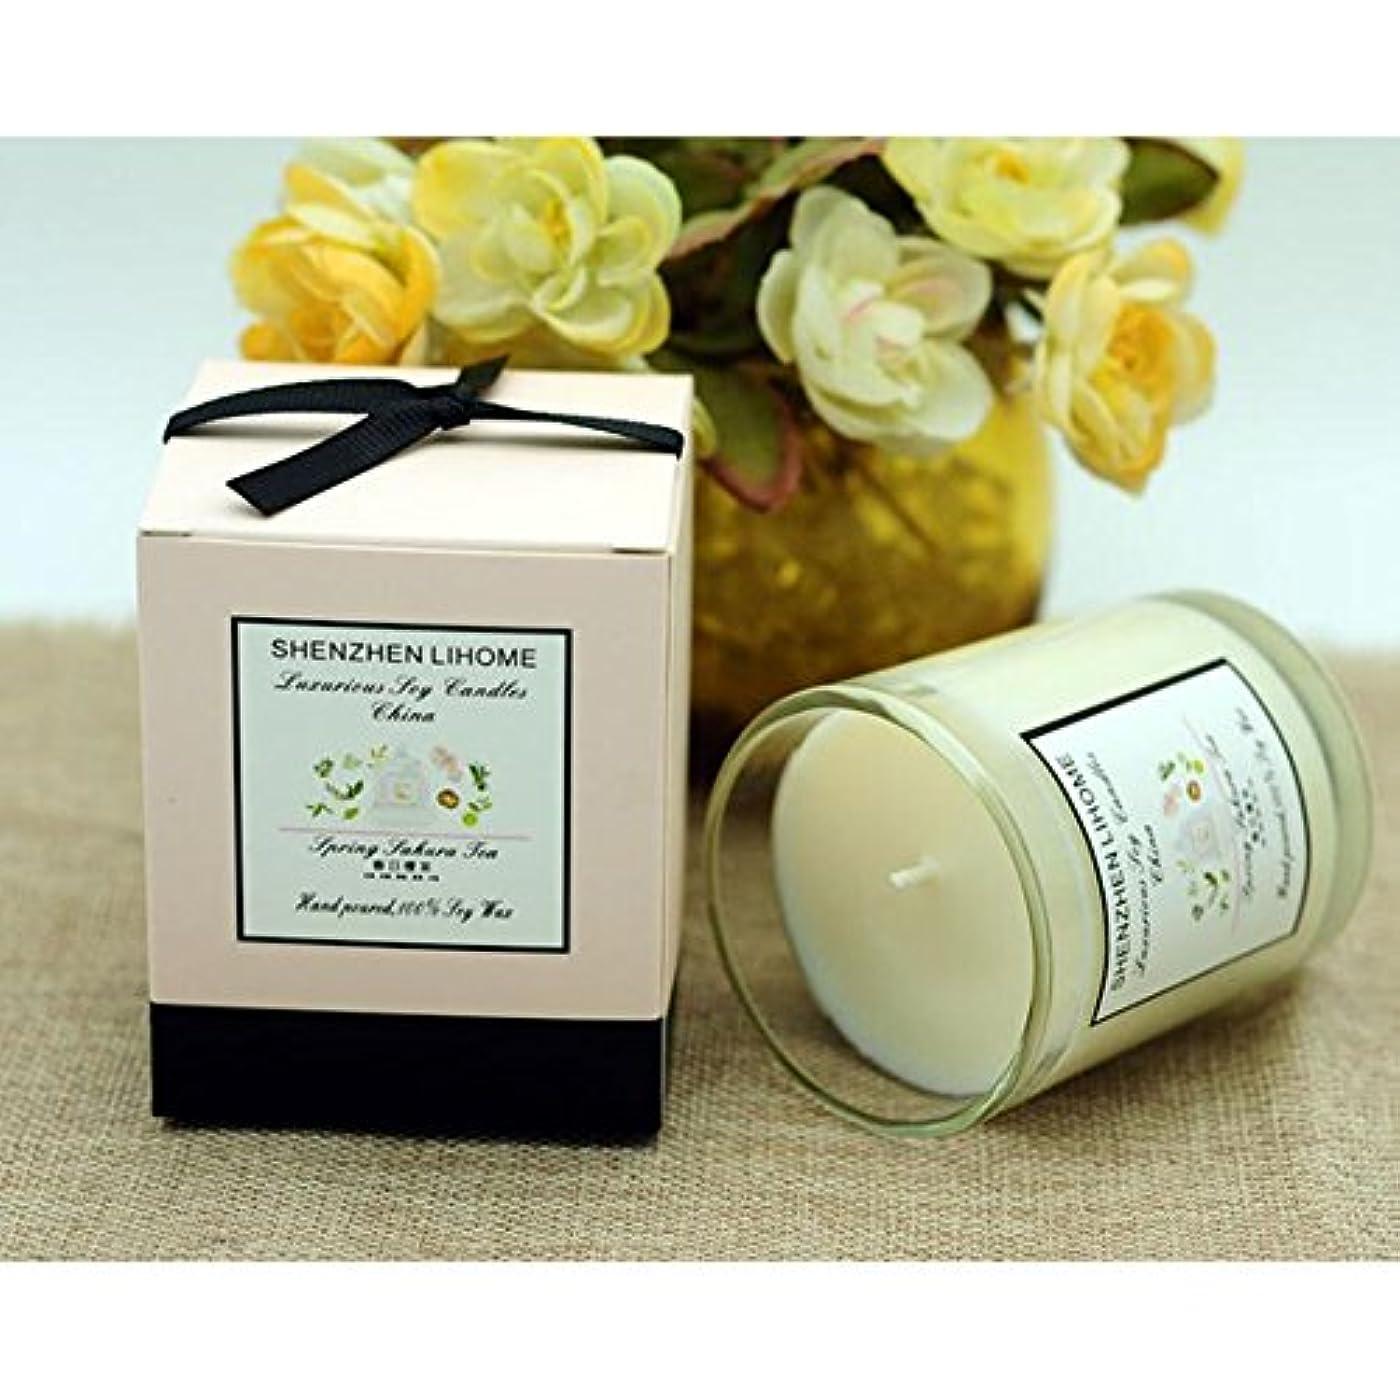 オーロック丘モバイルLiebeye キャンドル 大豆ワックス ロマンチックな無煙の香り 香りのティーキャンドル自然 ガラスキャンドル 春の桜の香